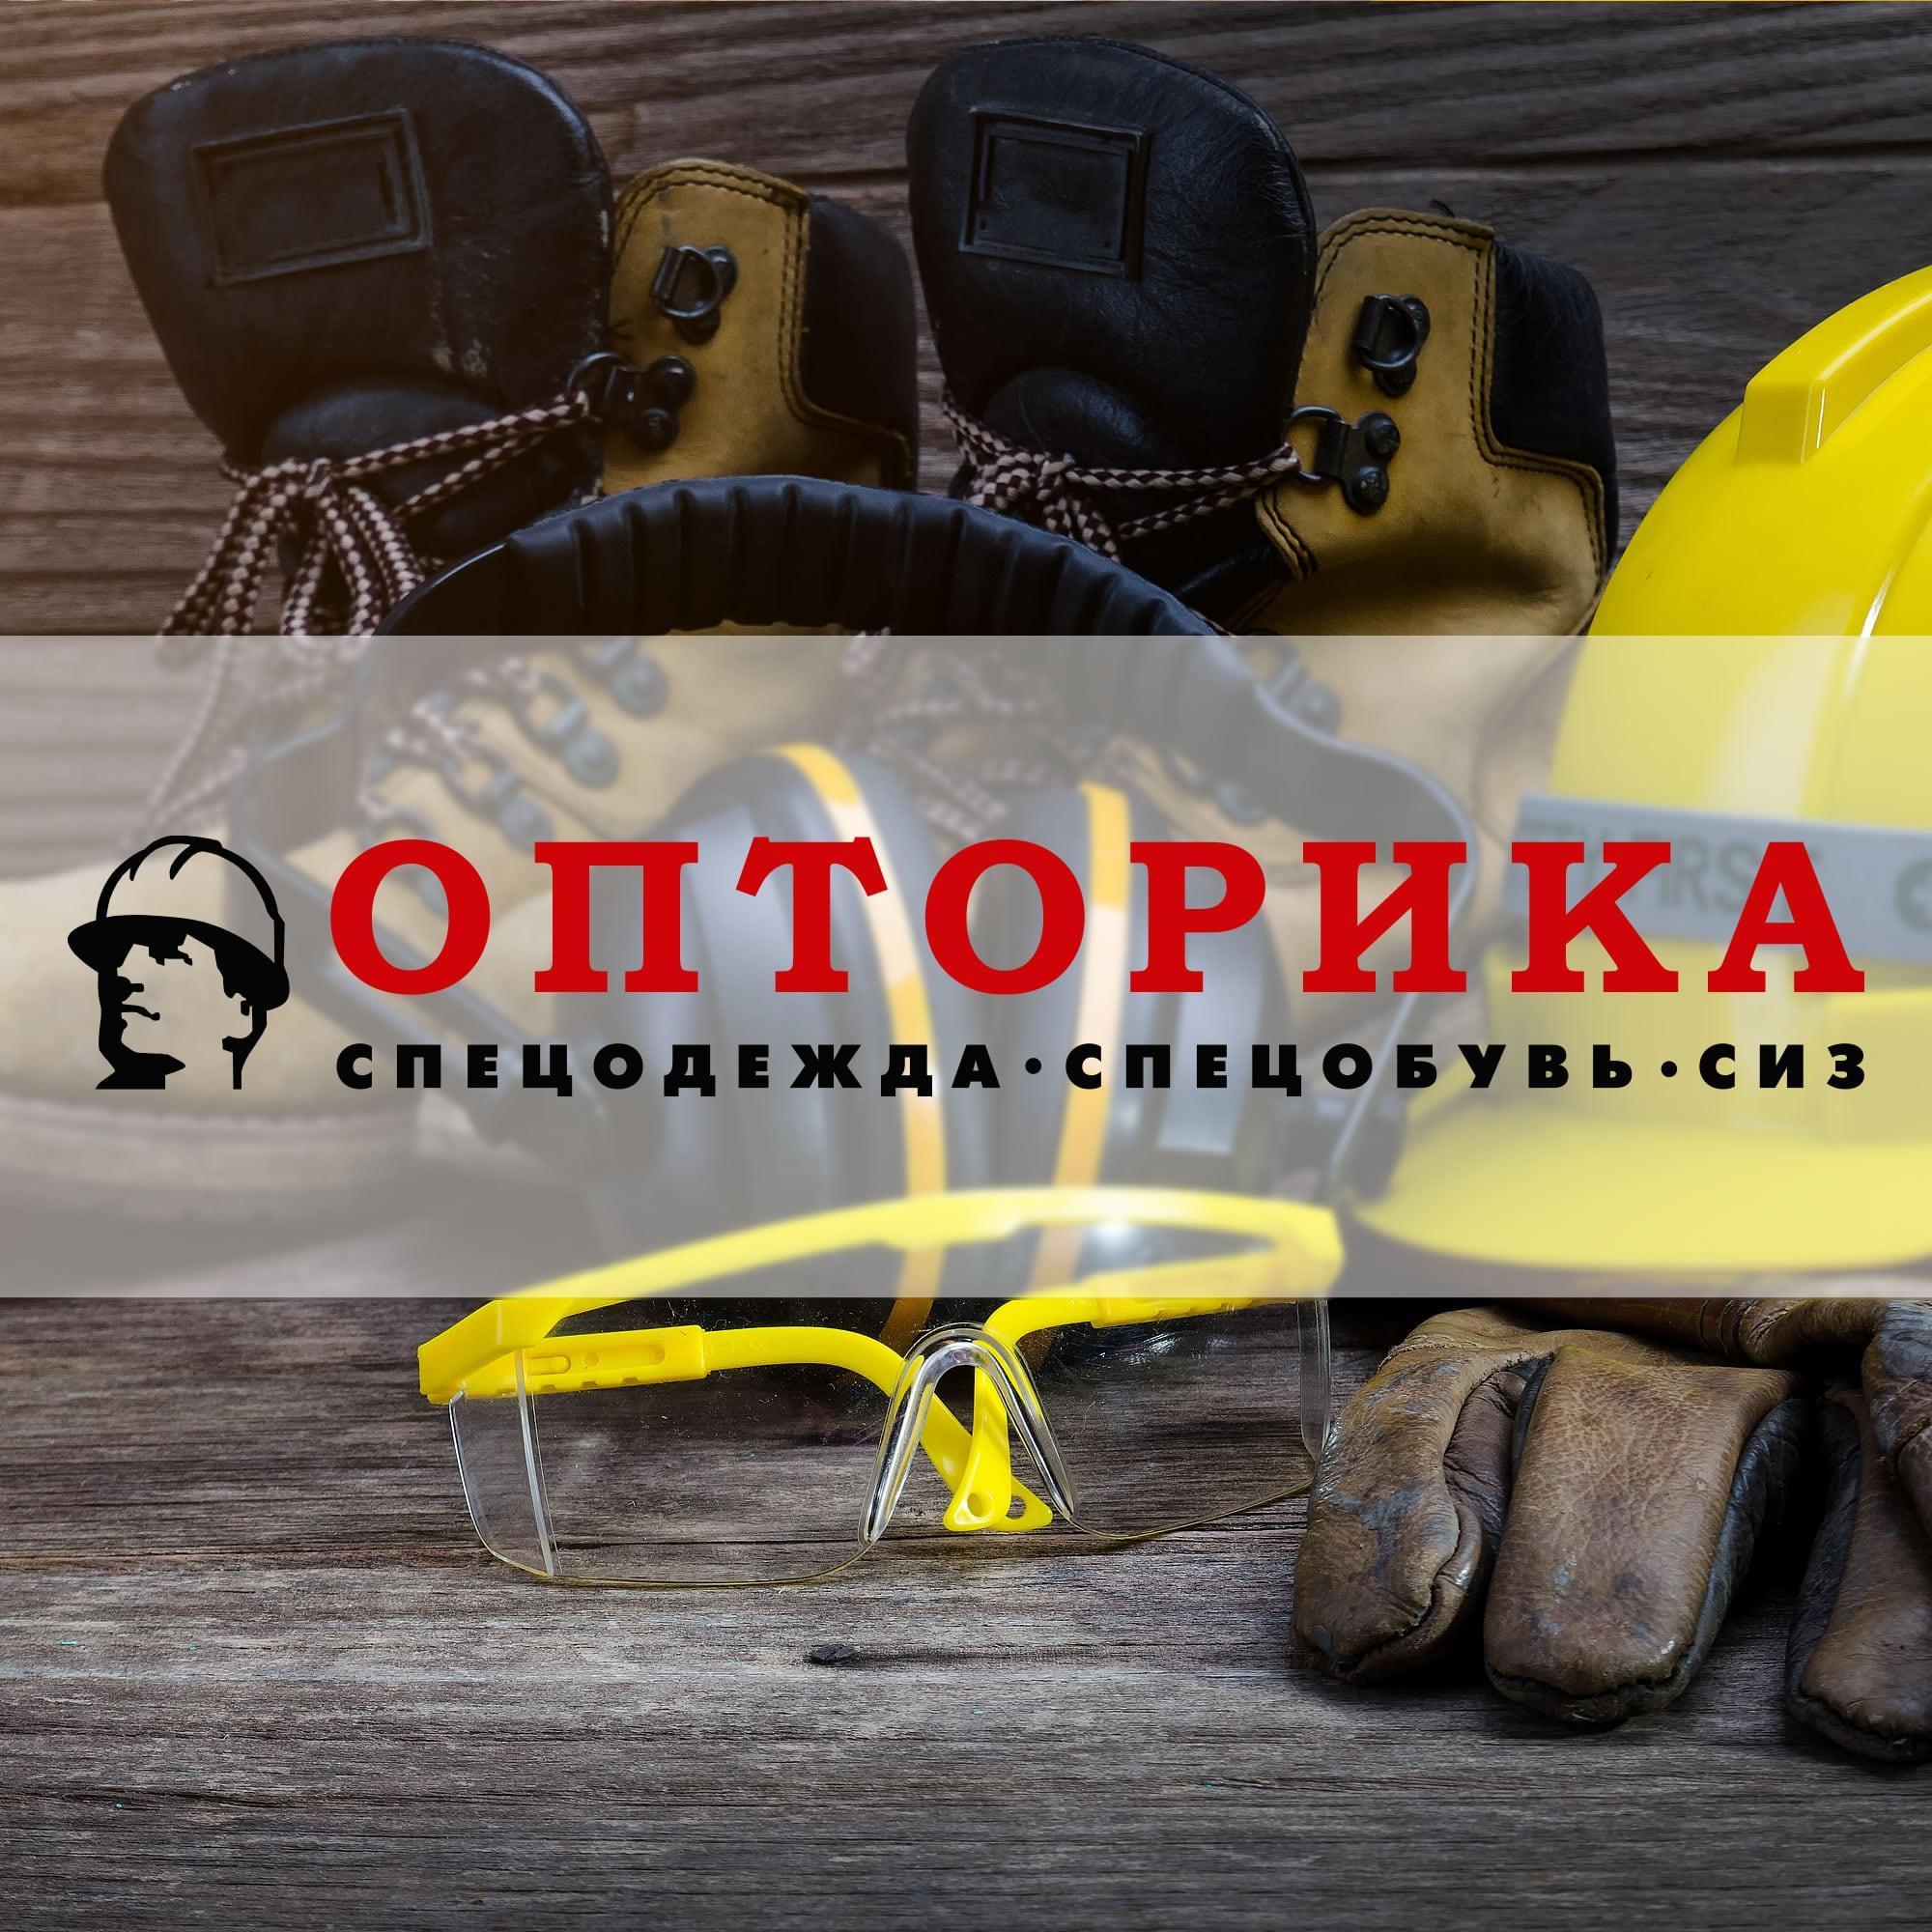 6a8d10e88a9 Опторика - комплексные поставки спецодежды